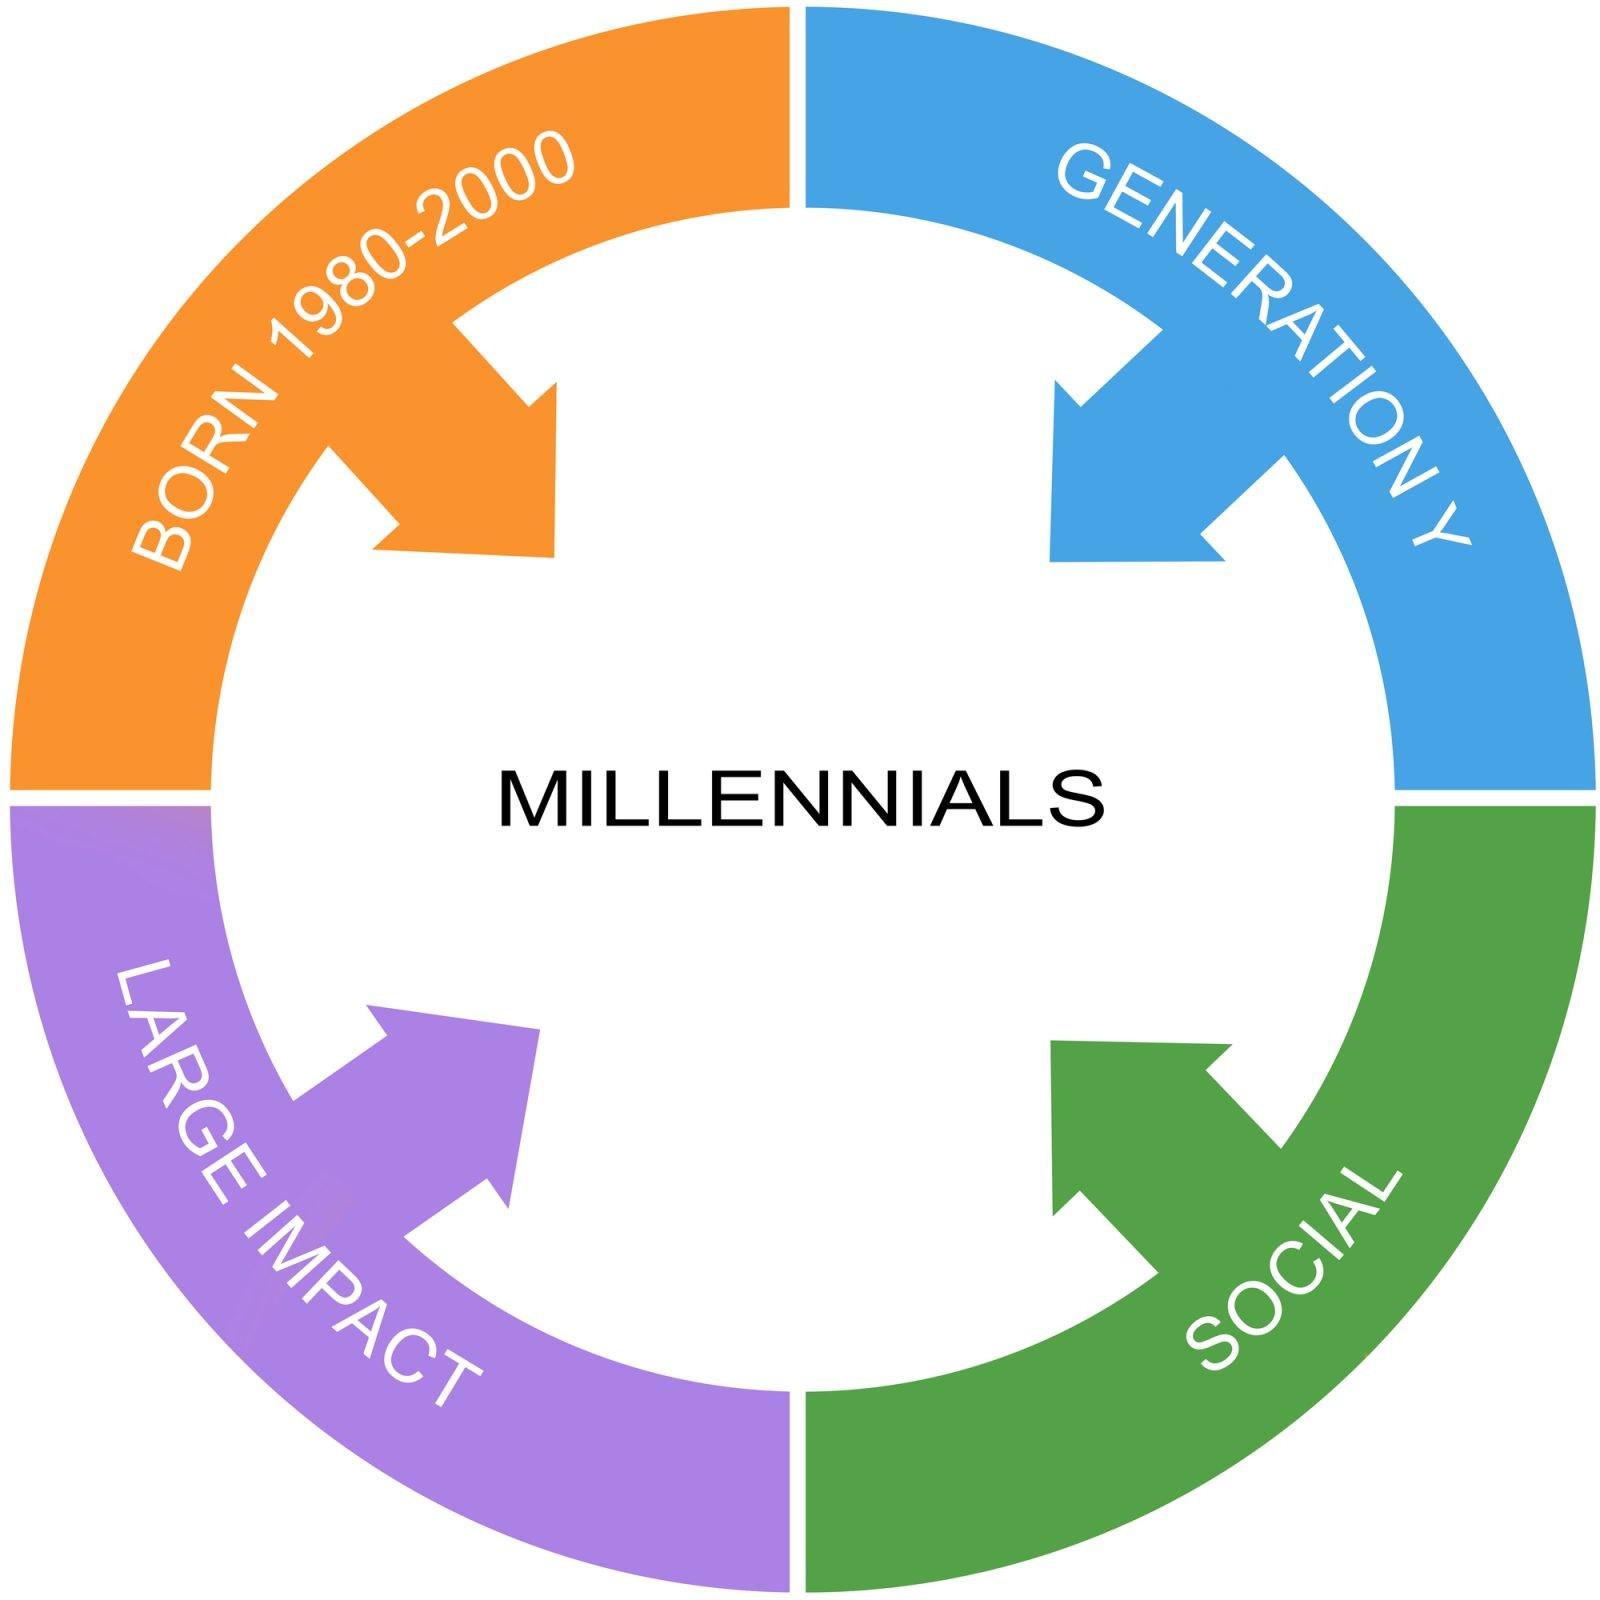 Millennial's